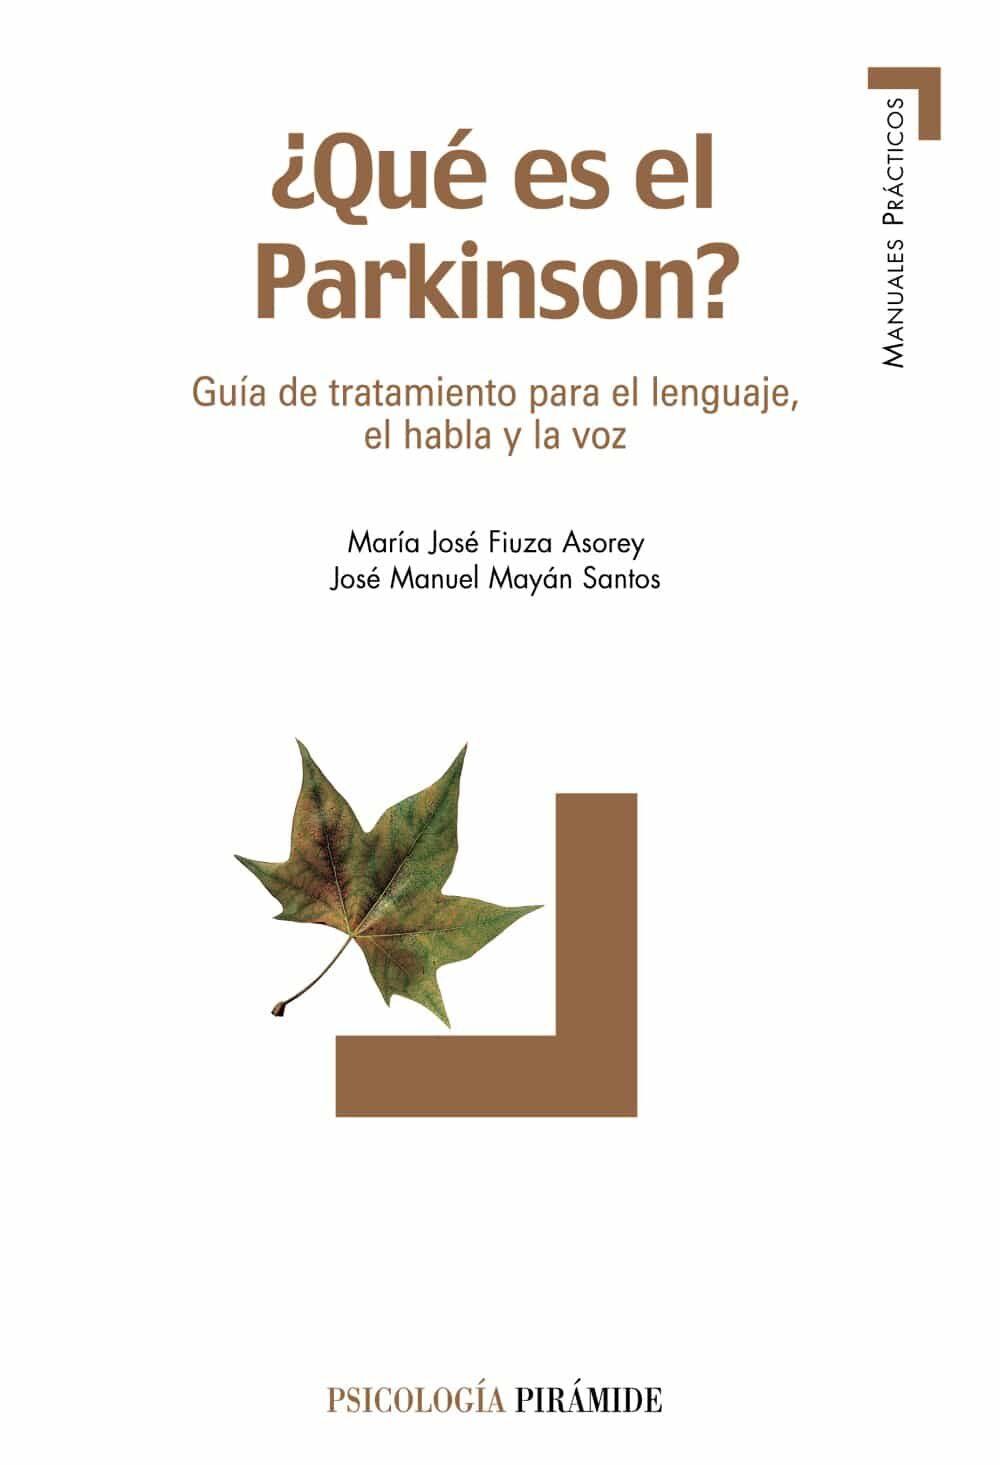 ¿que Es El Parkinson?: Guia De Tratamiento Para El Lenguaje El H Abla - Fiuza Asorey Maria Jose